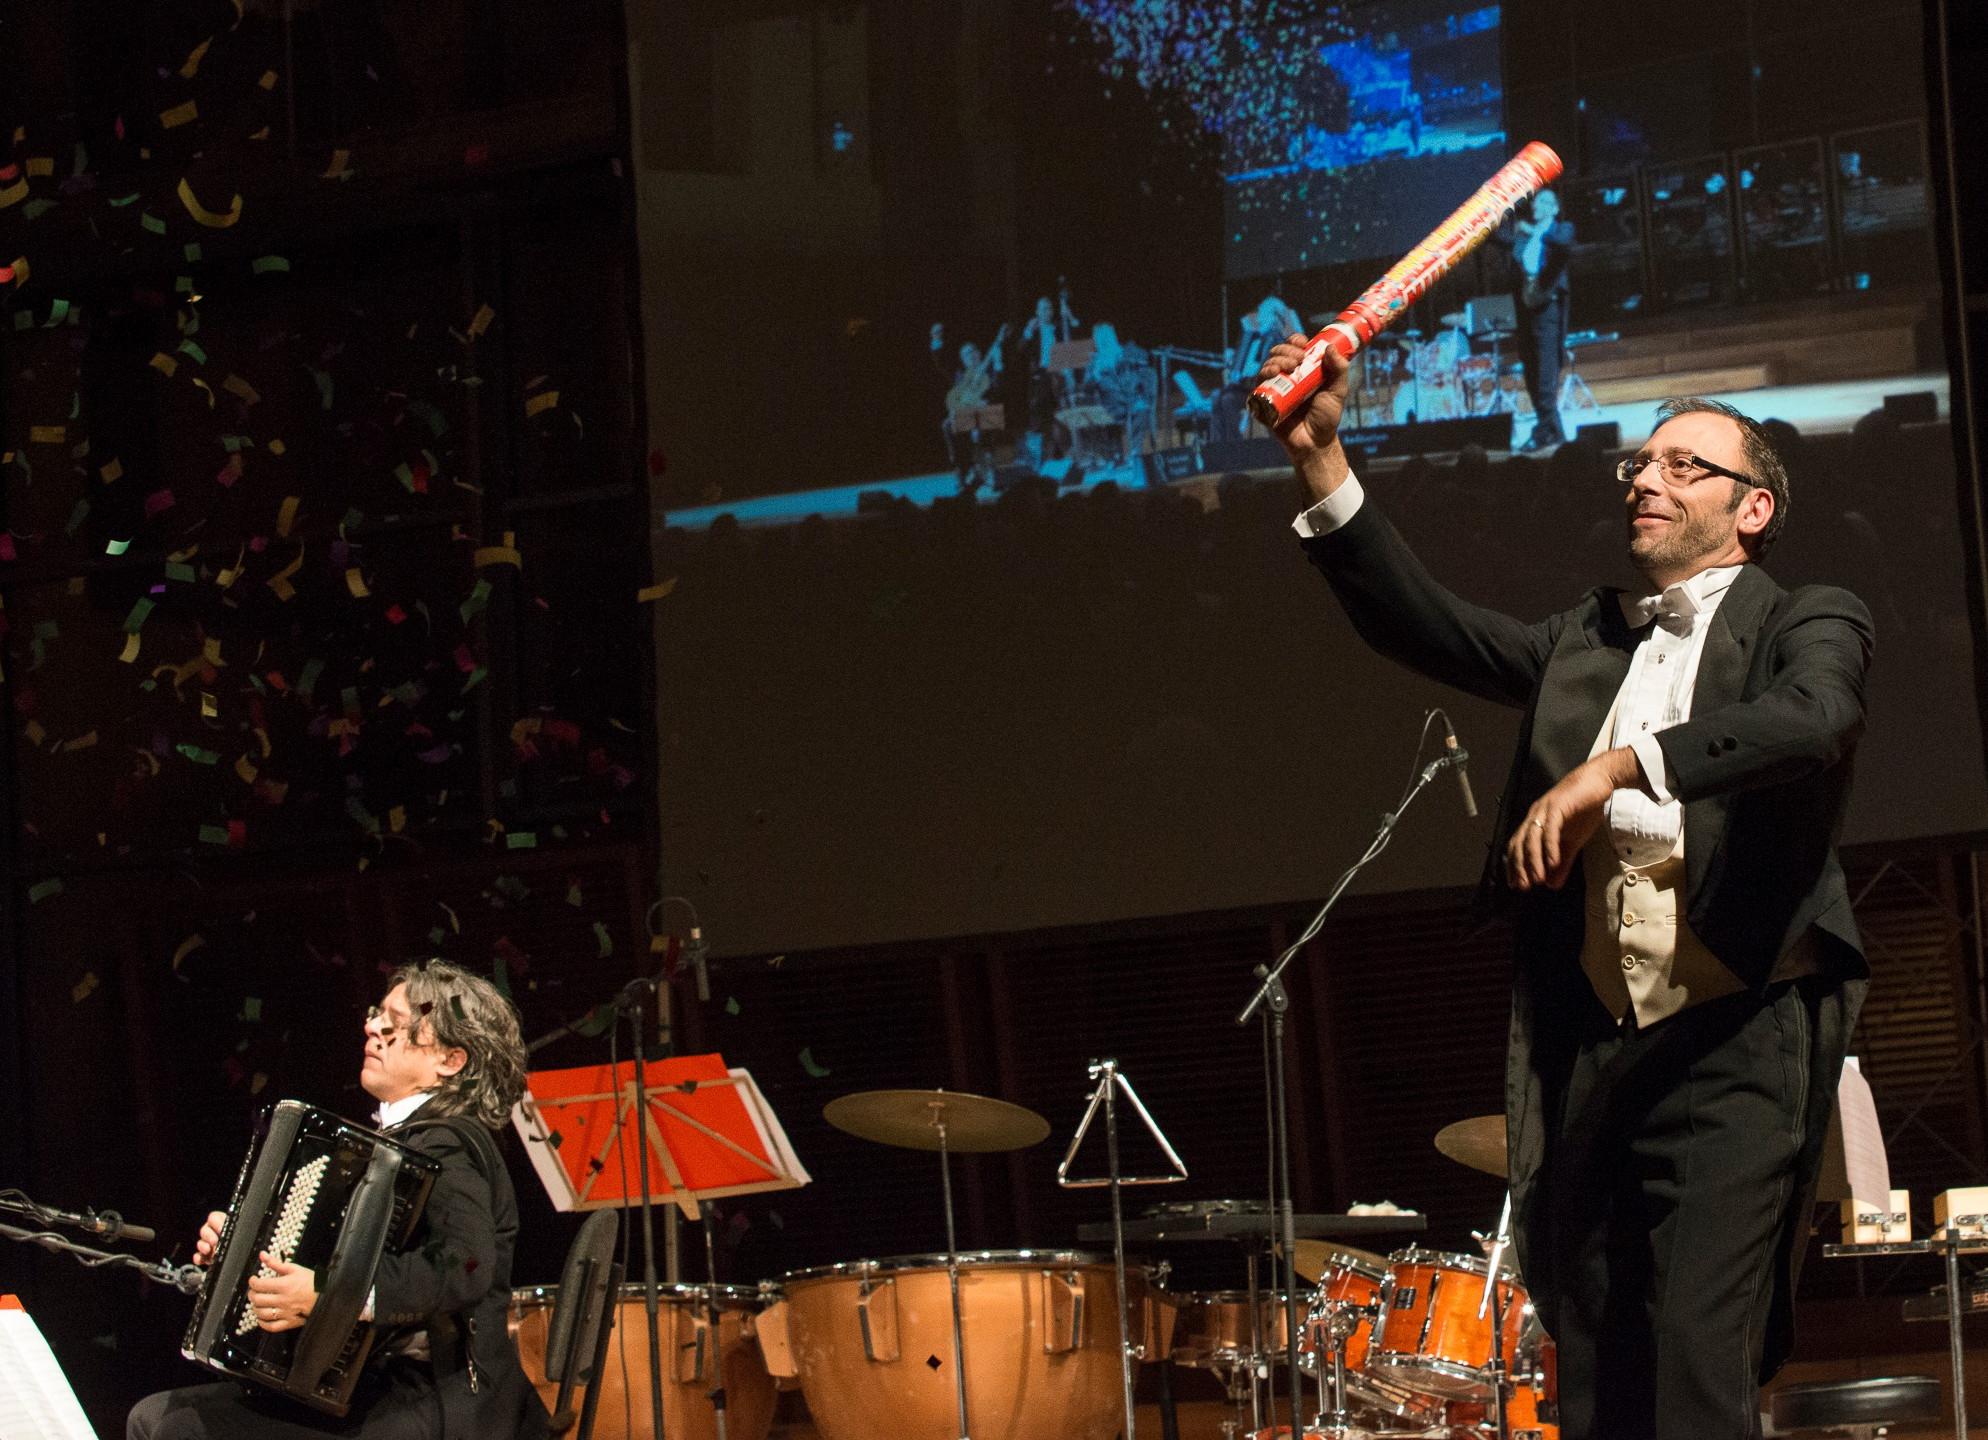 Concerto Capodanno 2017 -Parma